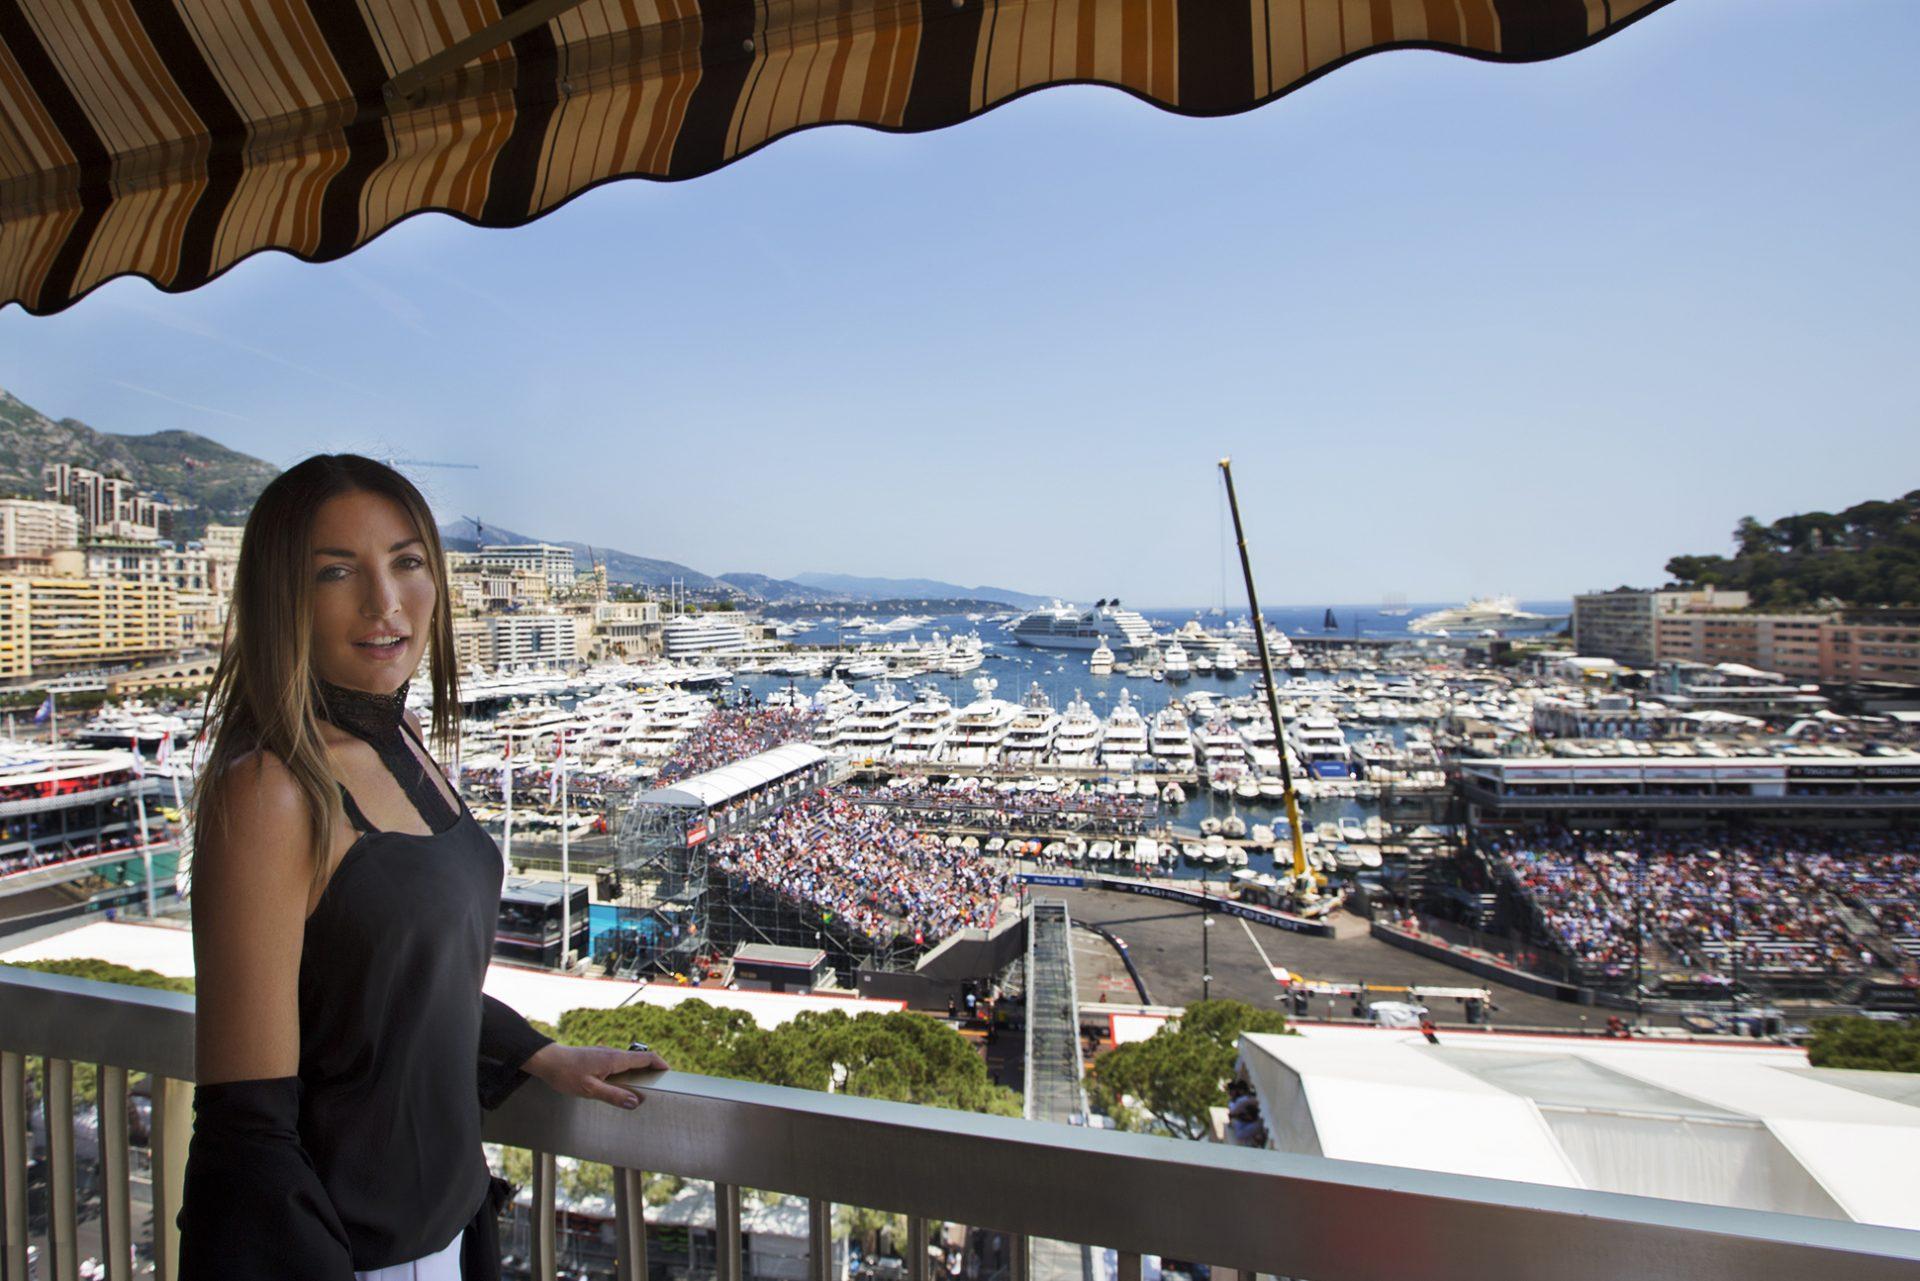 Monaco Grand Prix Formula 1 in Monte Carlo